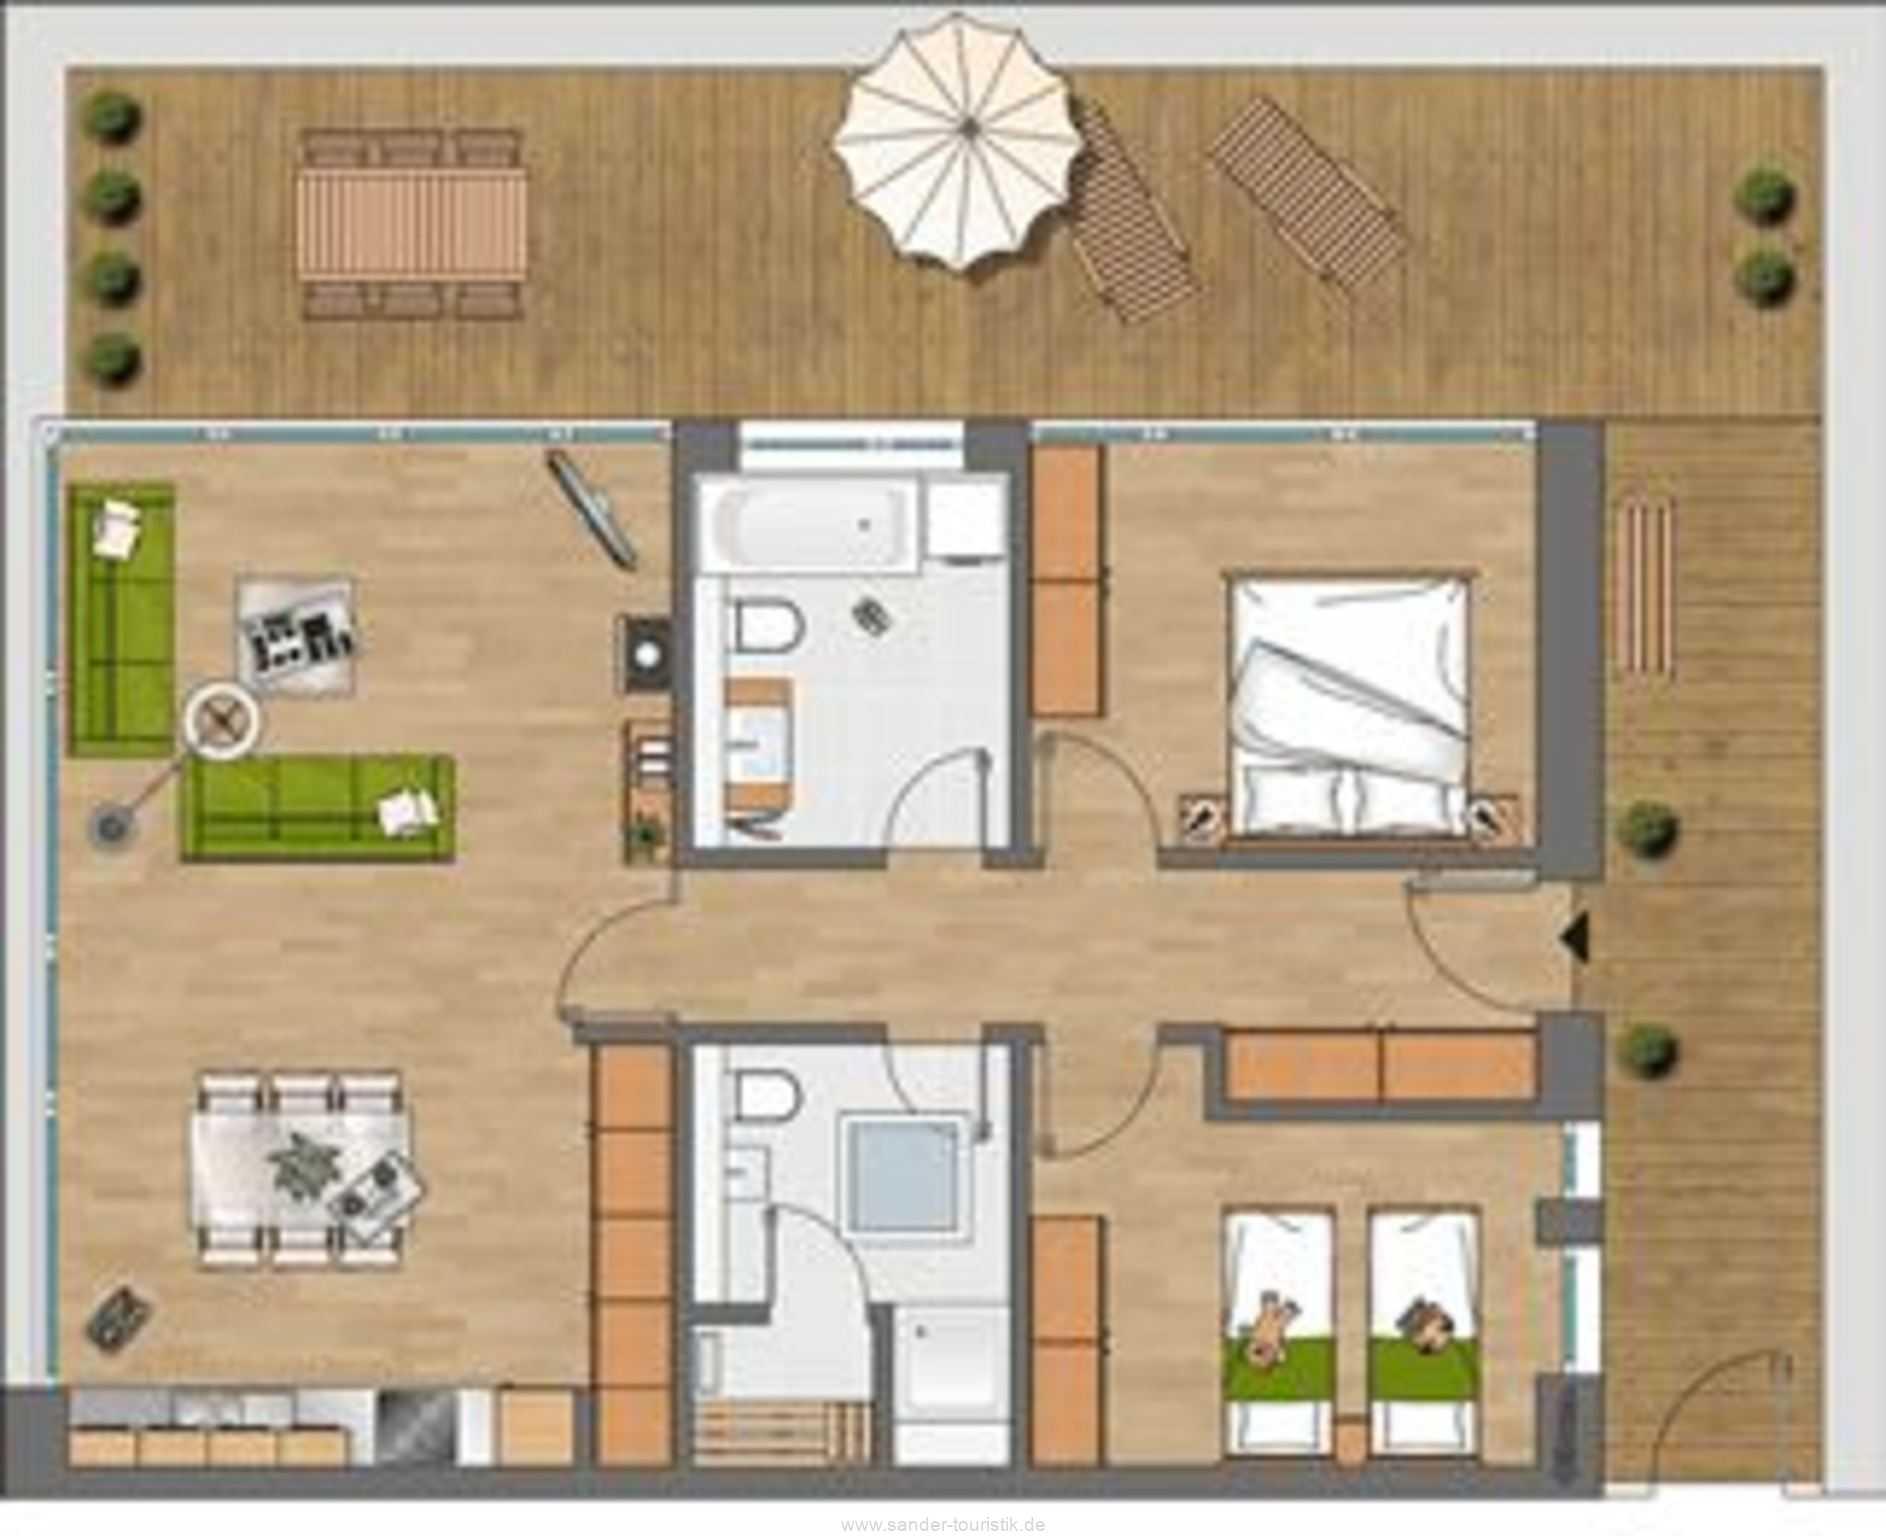 Dünenresort - Grundriss Wohnung 1.4.3